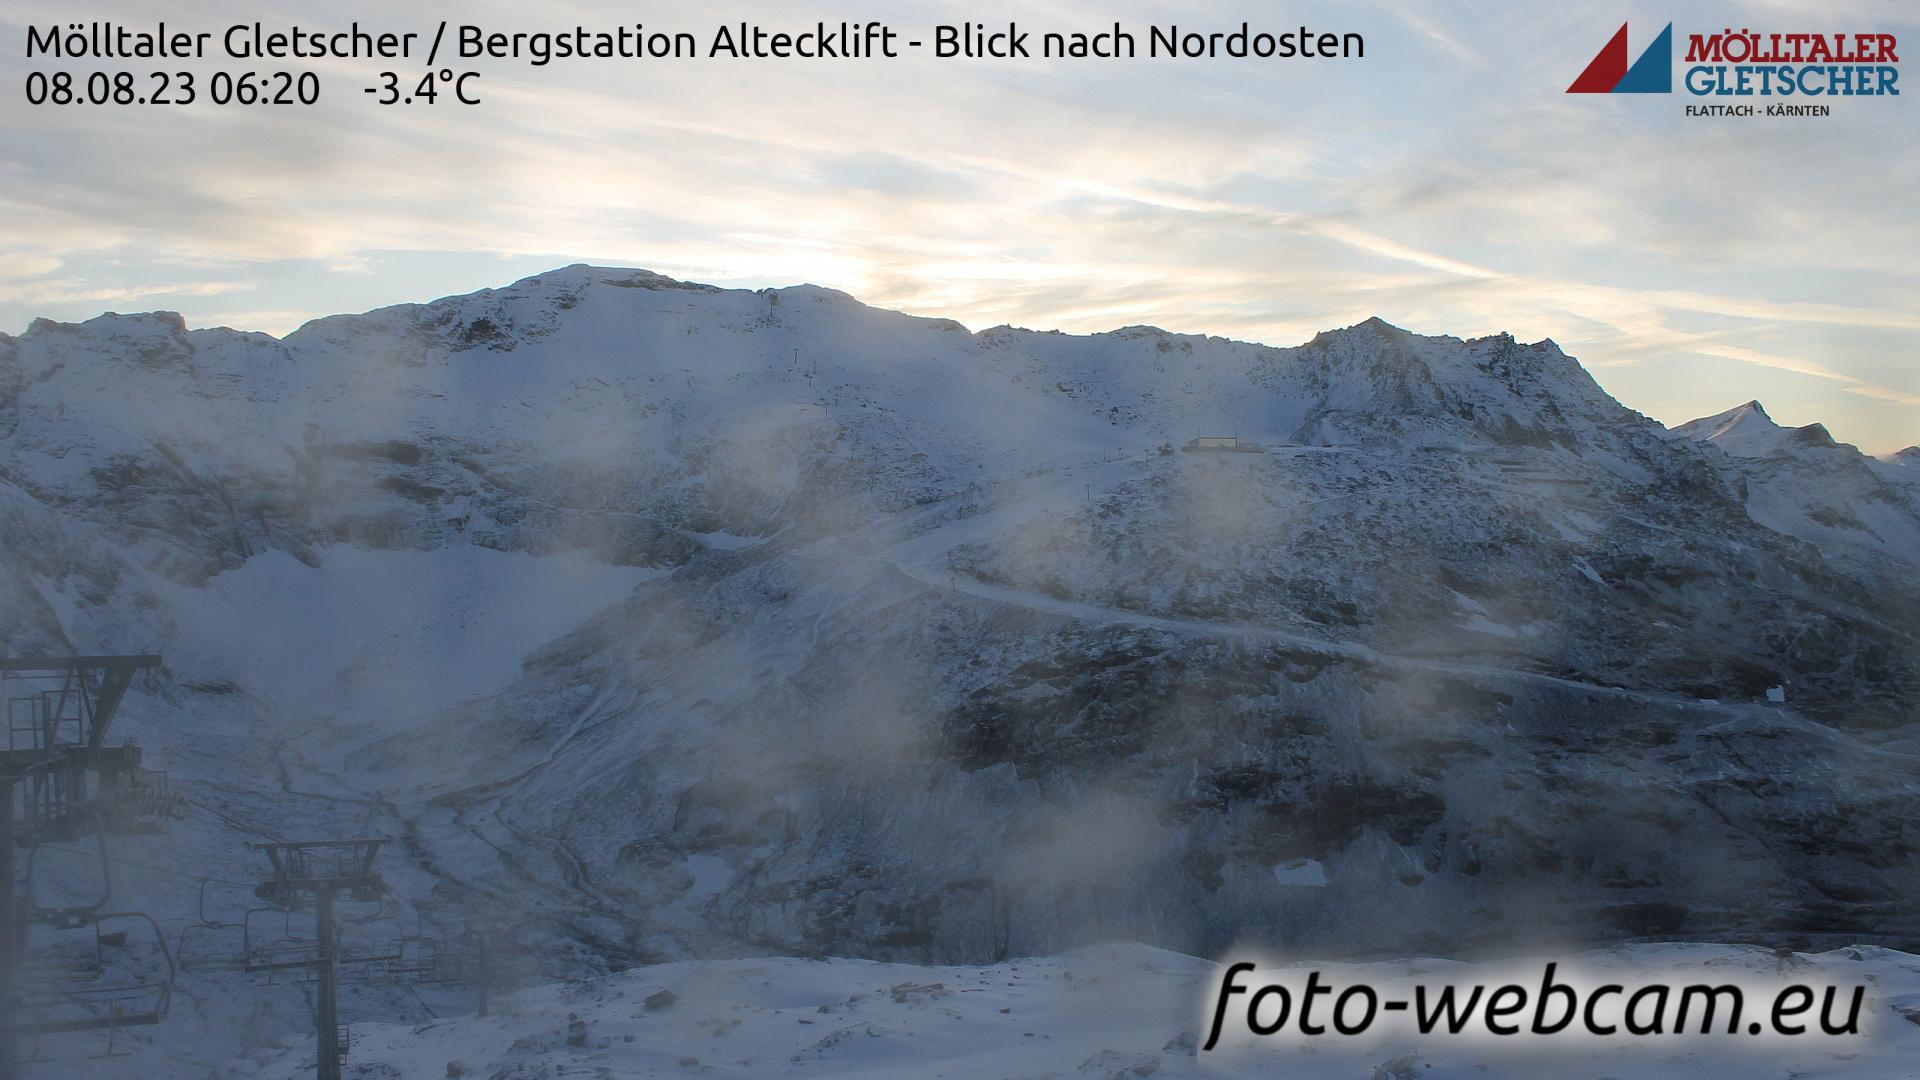 Mölltaler Gletscher Fr. 06:32